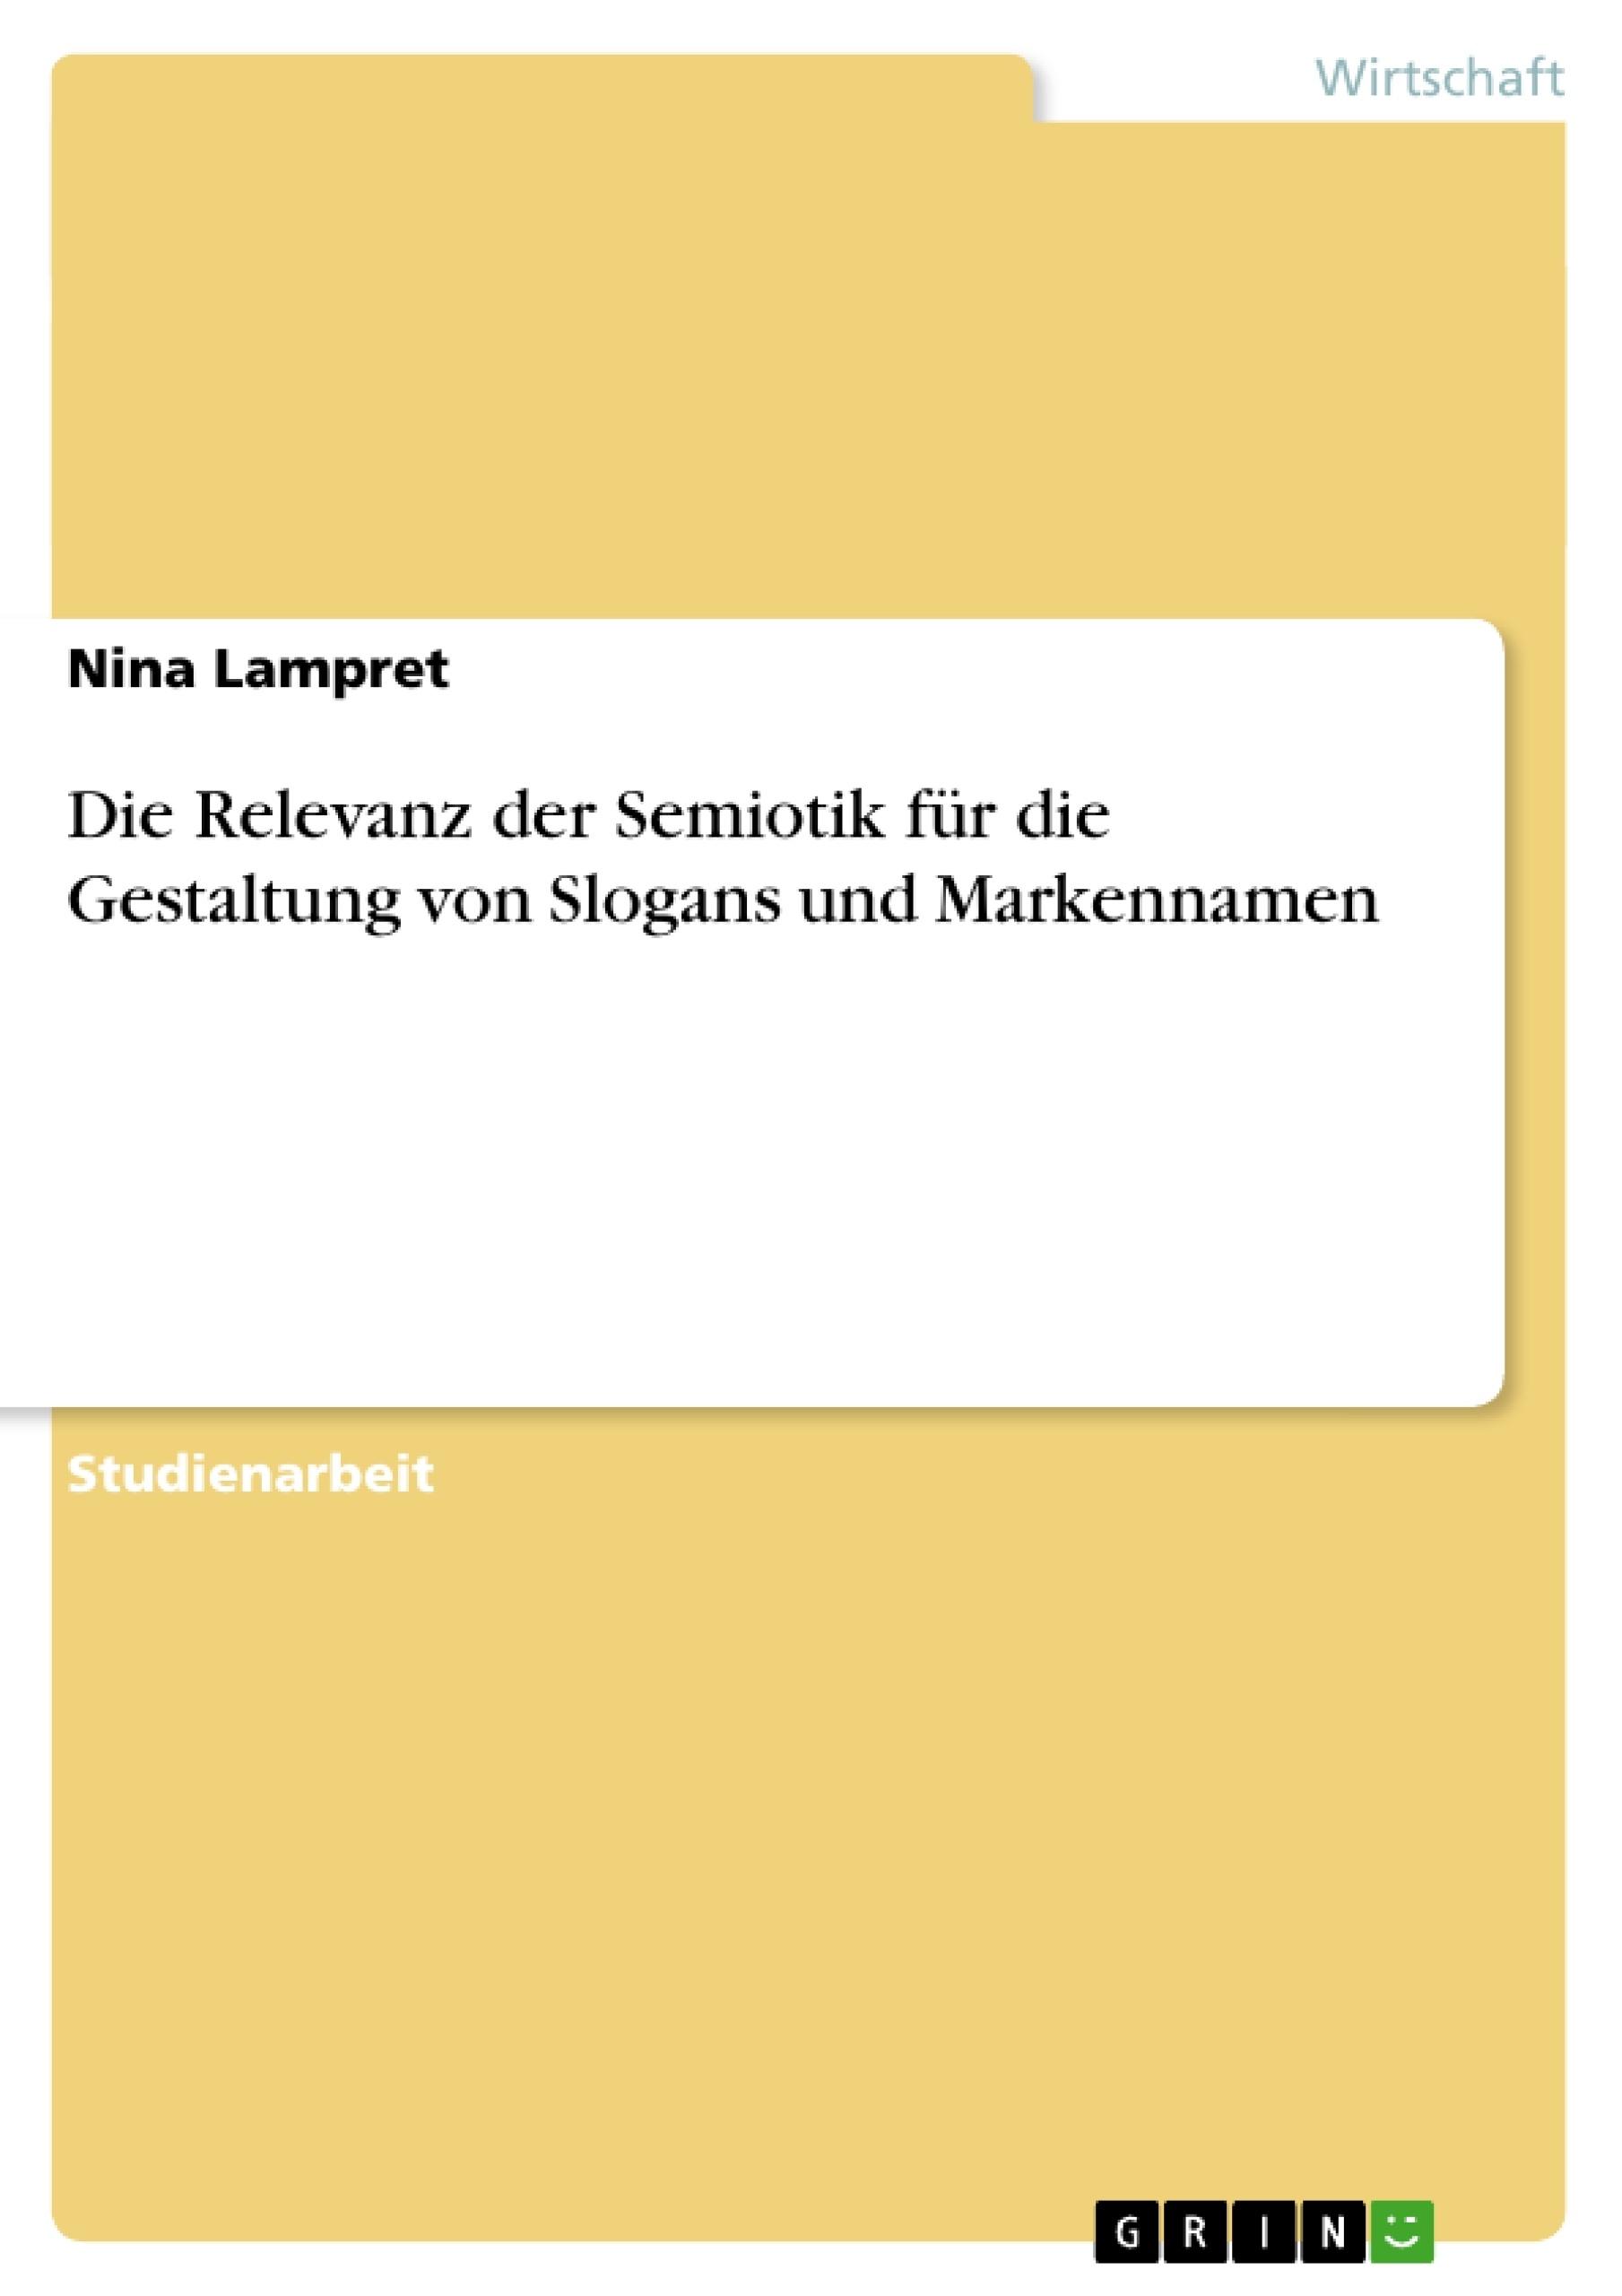 Titel: Die Relevanz der Semiotik für die Gestaltung von Slogans und Markennamen